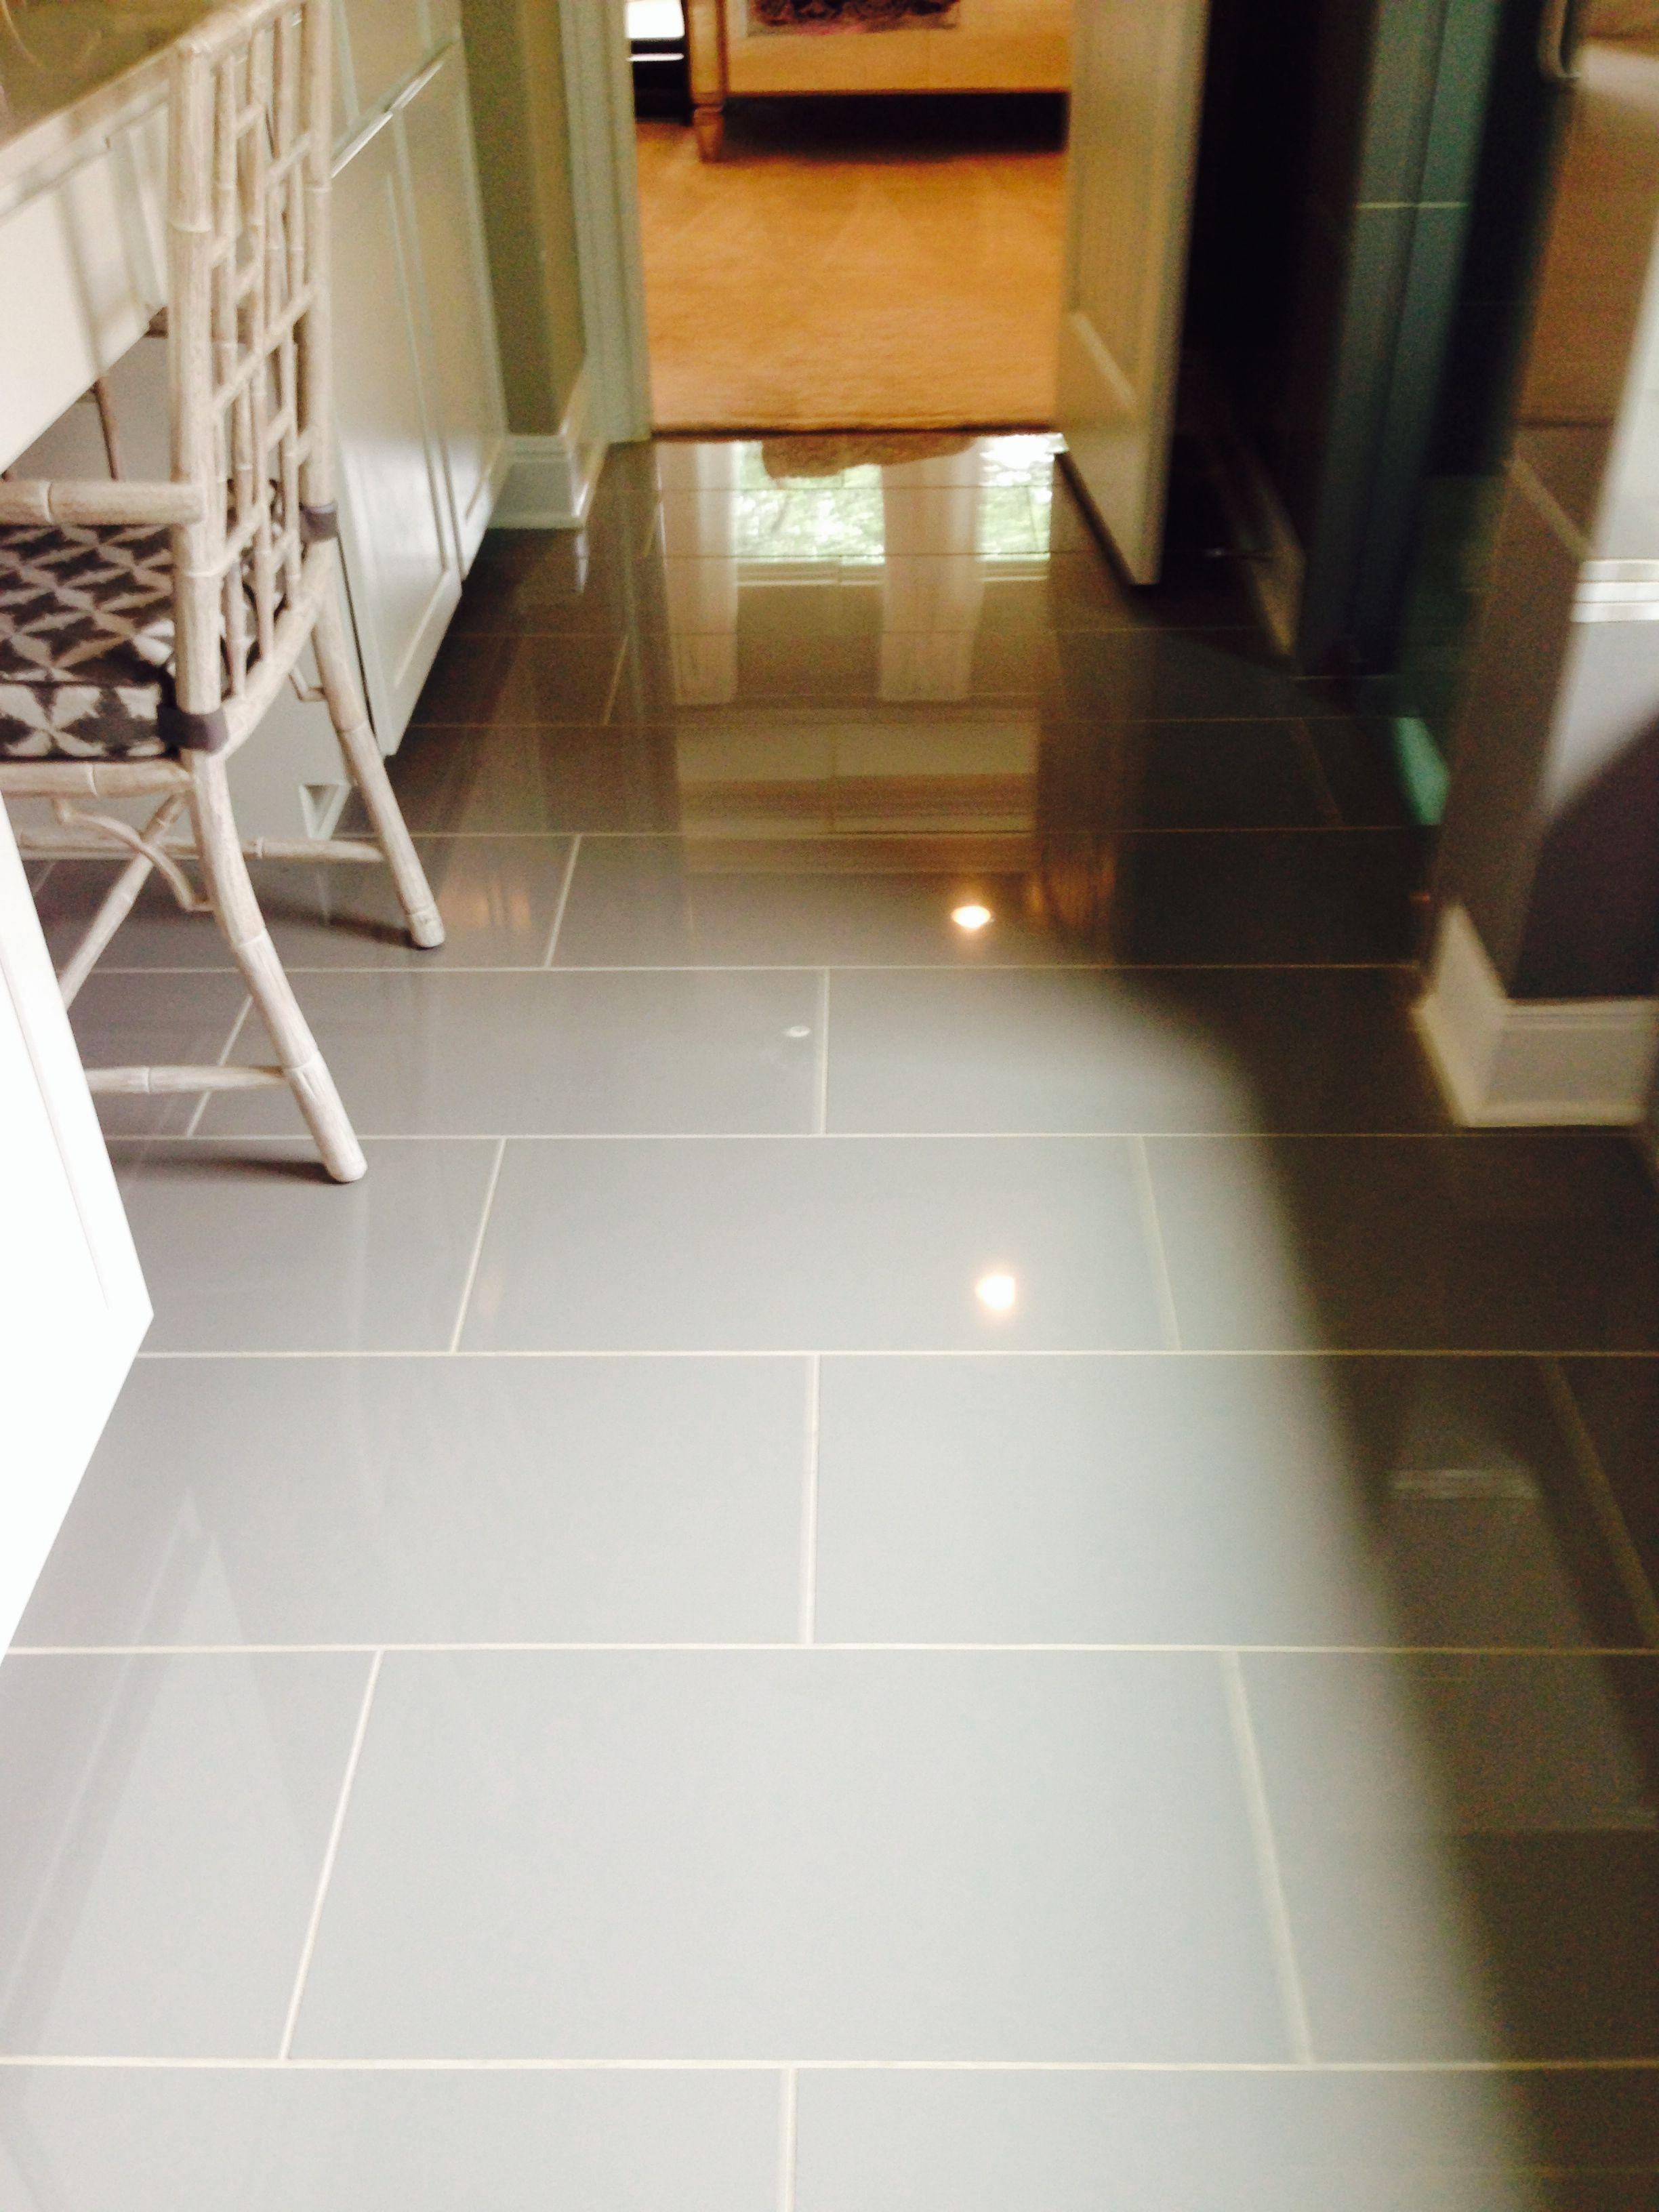 12x24 High Gloss Porcelain Tile